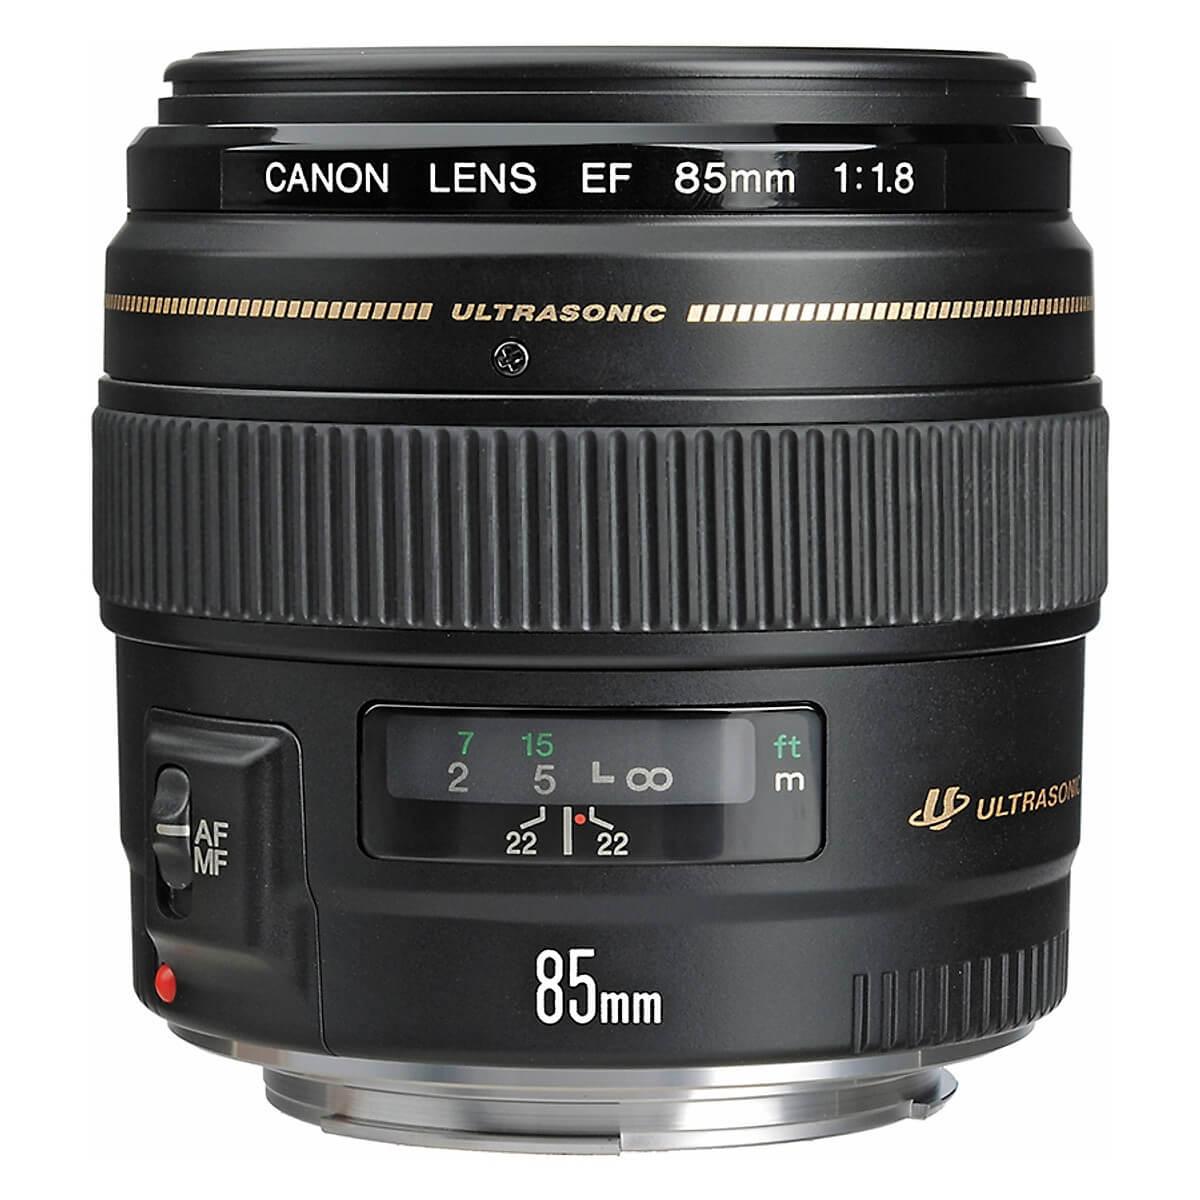 Lens Canon 85mm f/1.8 USM EF